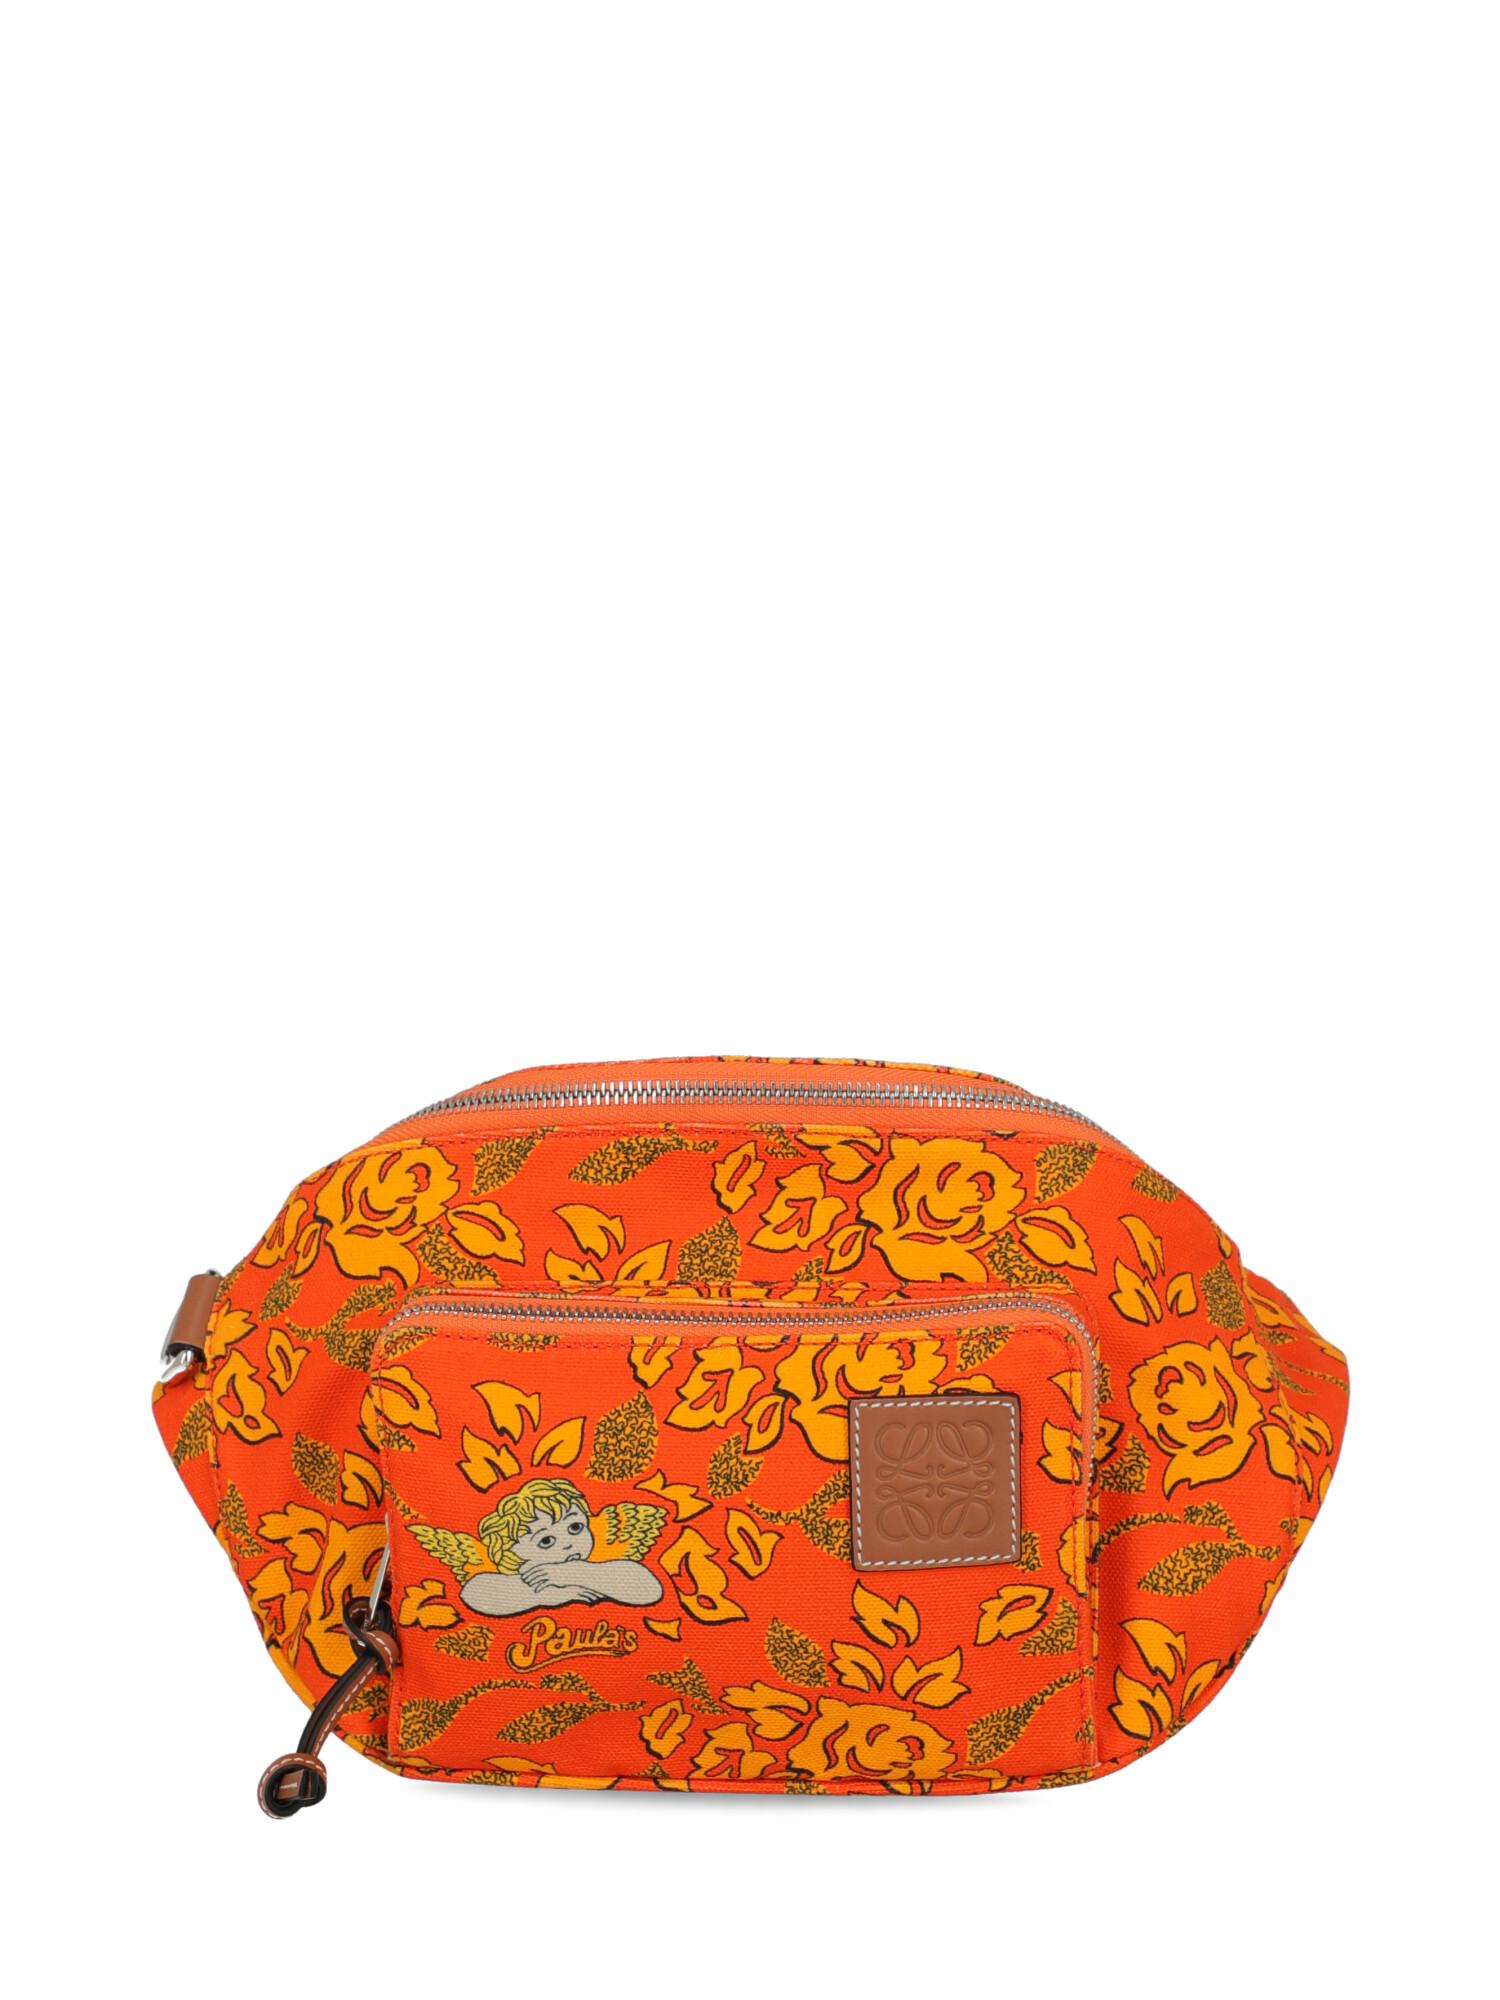 Pre-owned Loewe Bag In Black, Orange